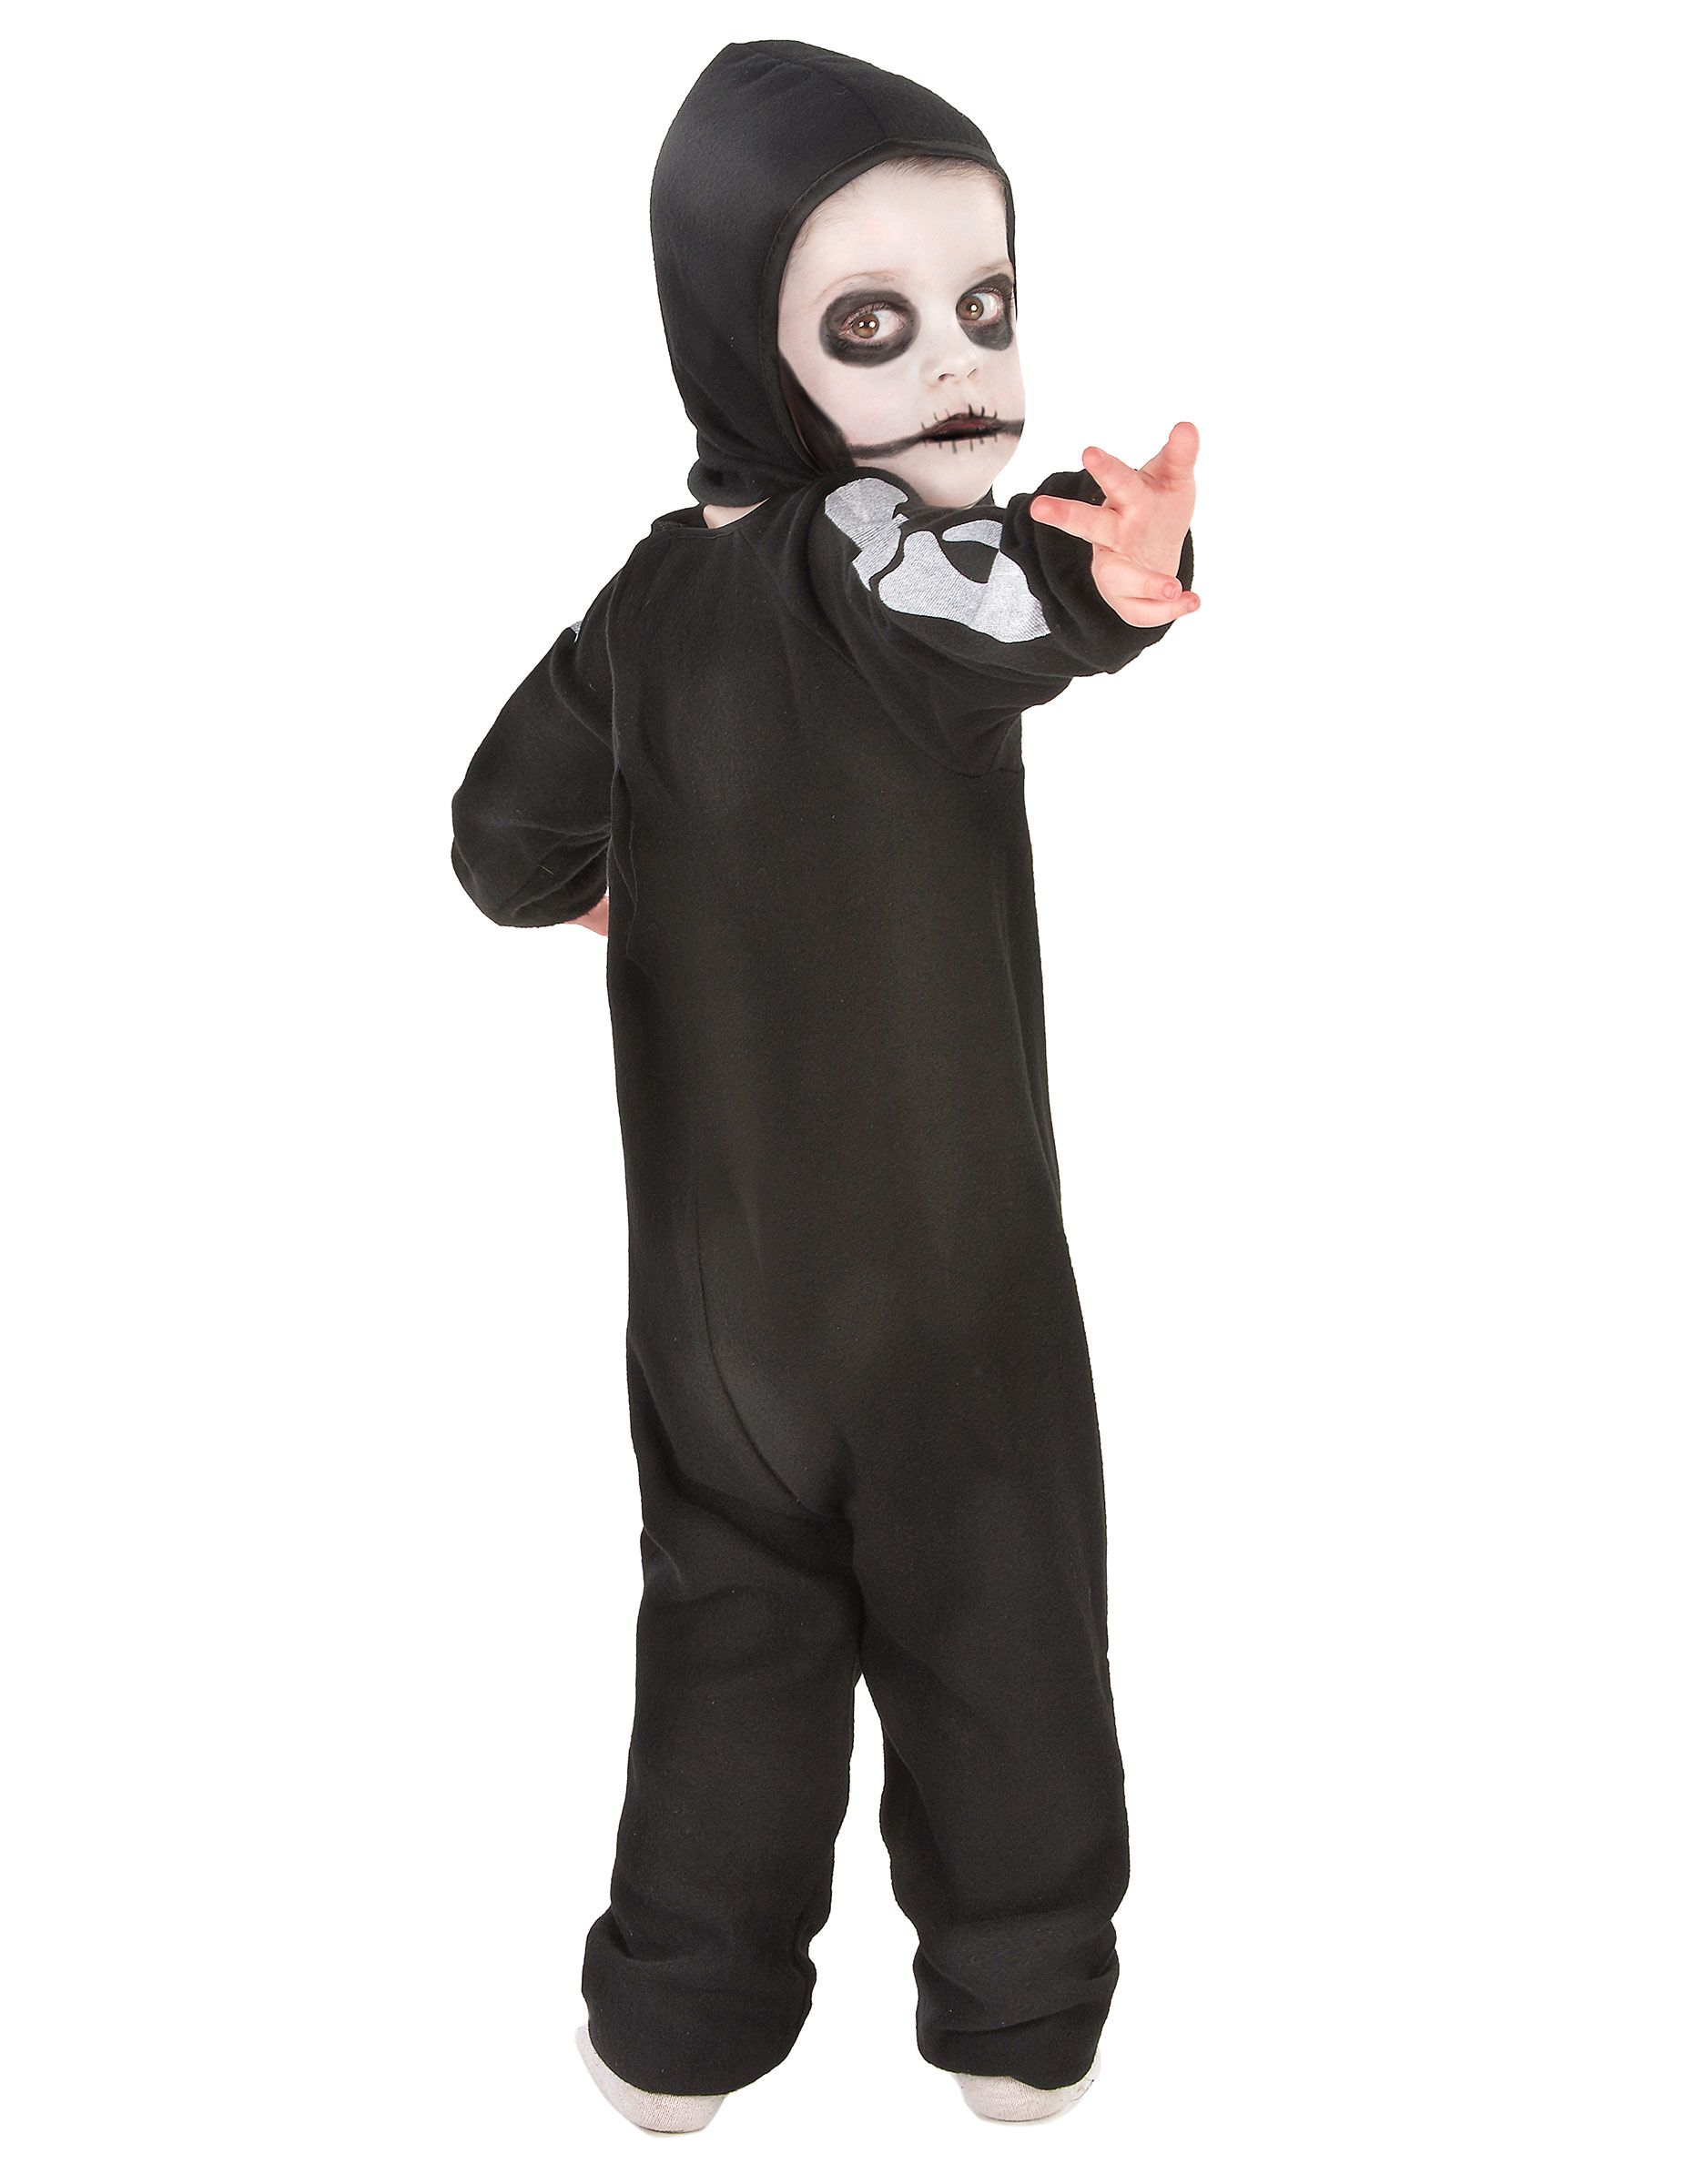 Skräckinjagande litet skelett - Halloweenkostymer för barn-2 bf8f626d69642